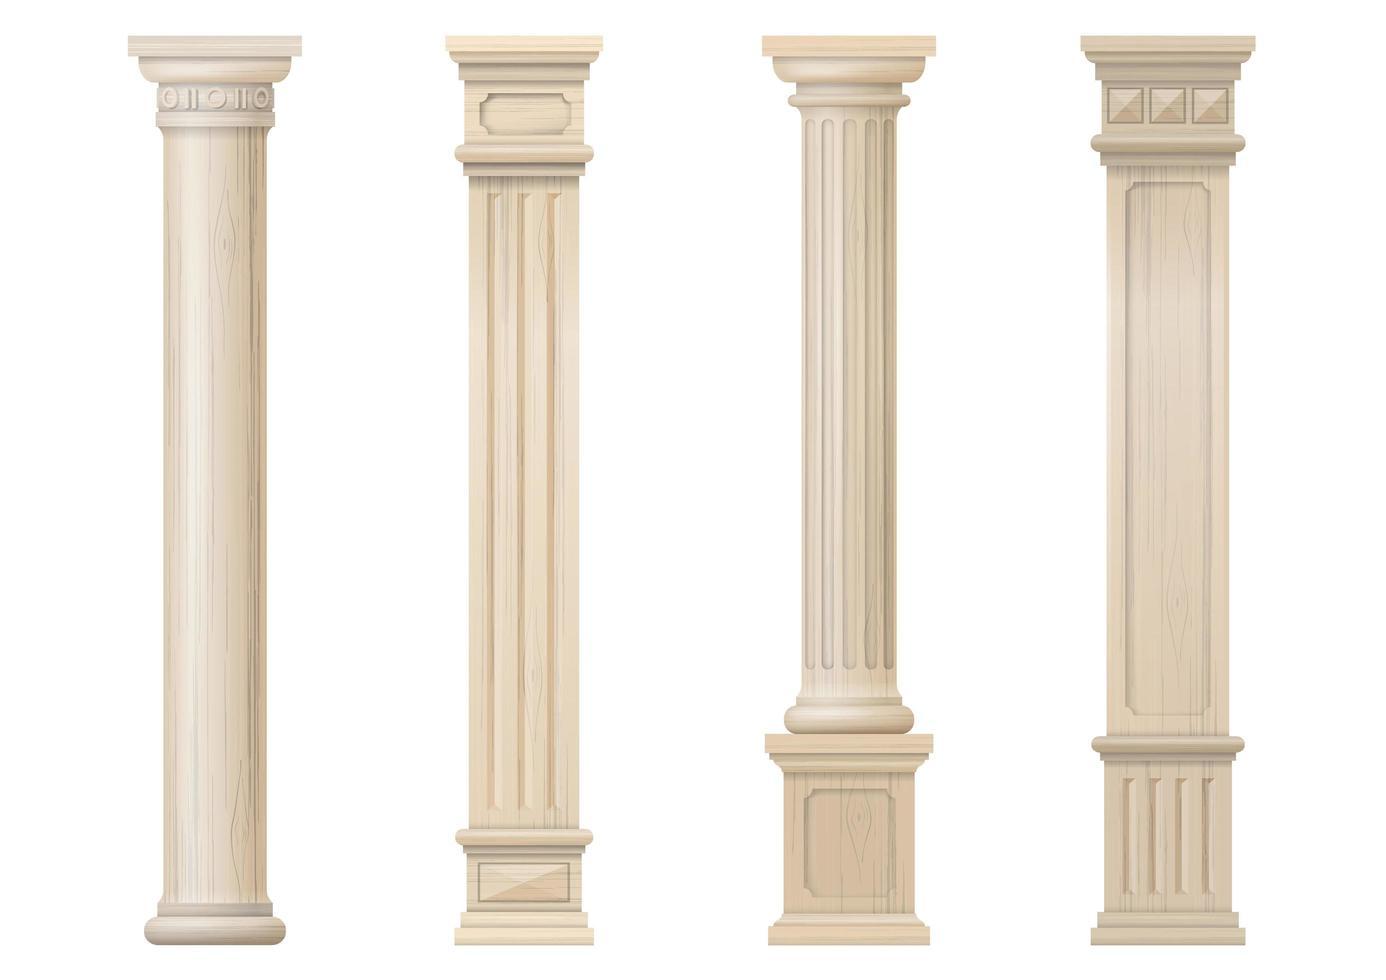 vintage licht gekleurde hout gesneden kolommen instellen vector